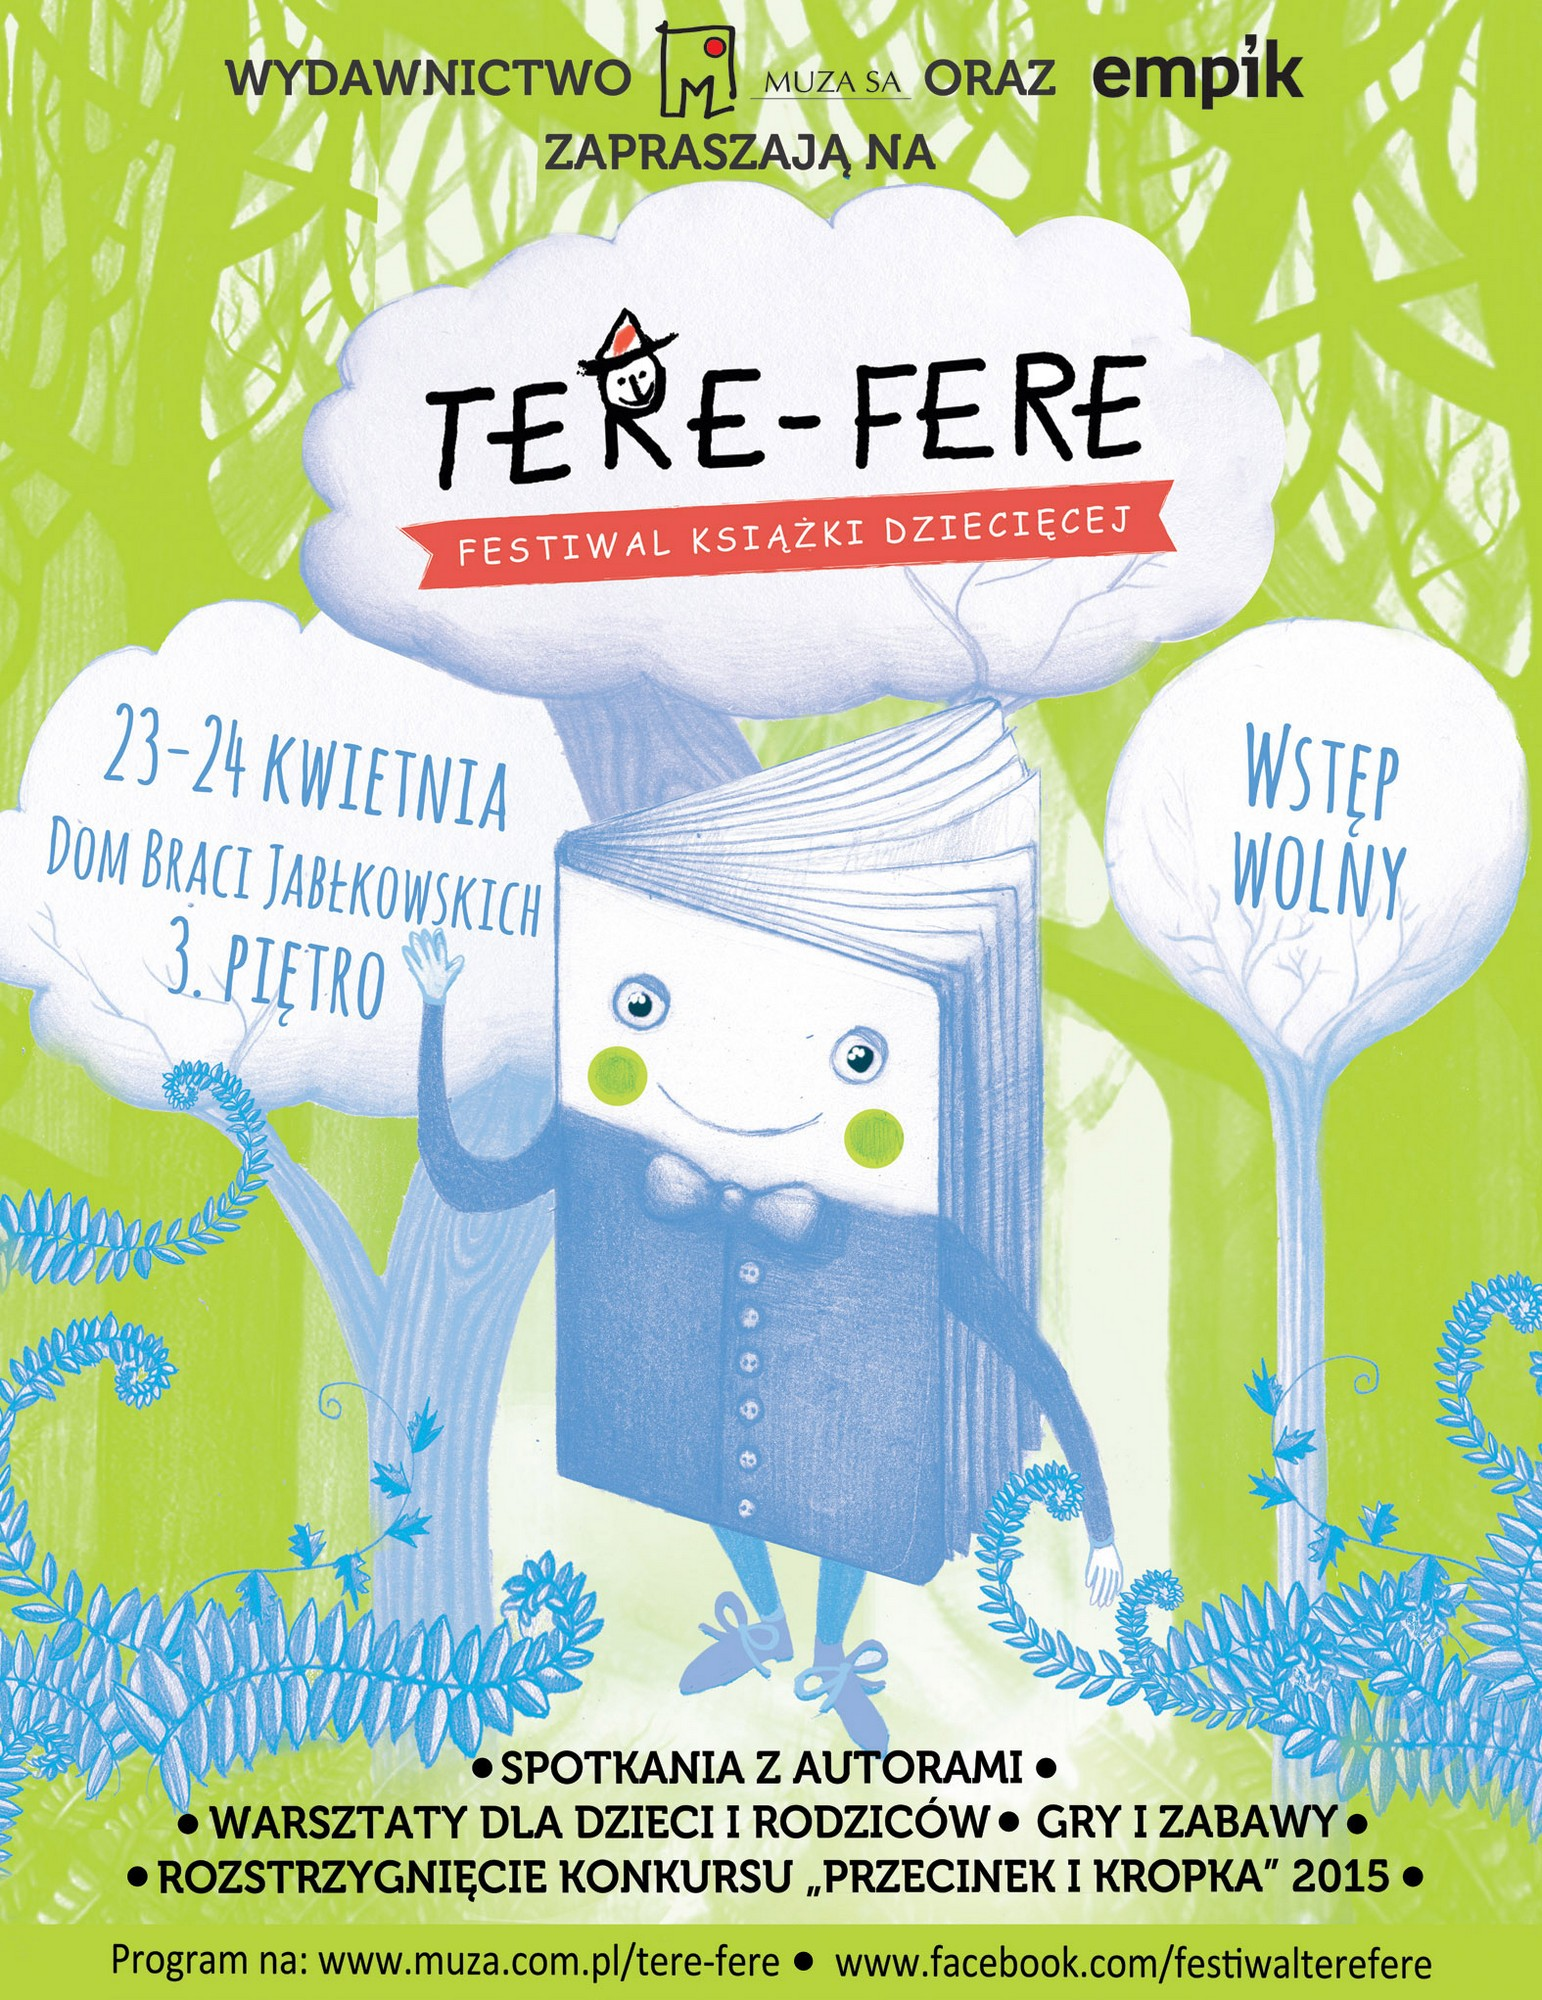 Festiwal Książki Dziecięcej Tere-Fere – plakat (źródło: materiały prasowe)